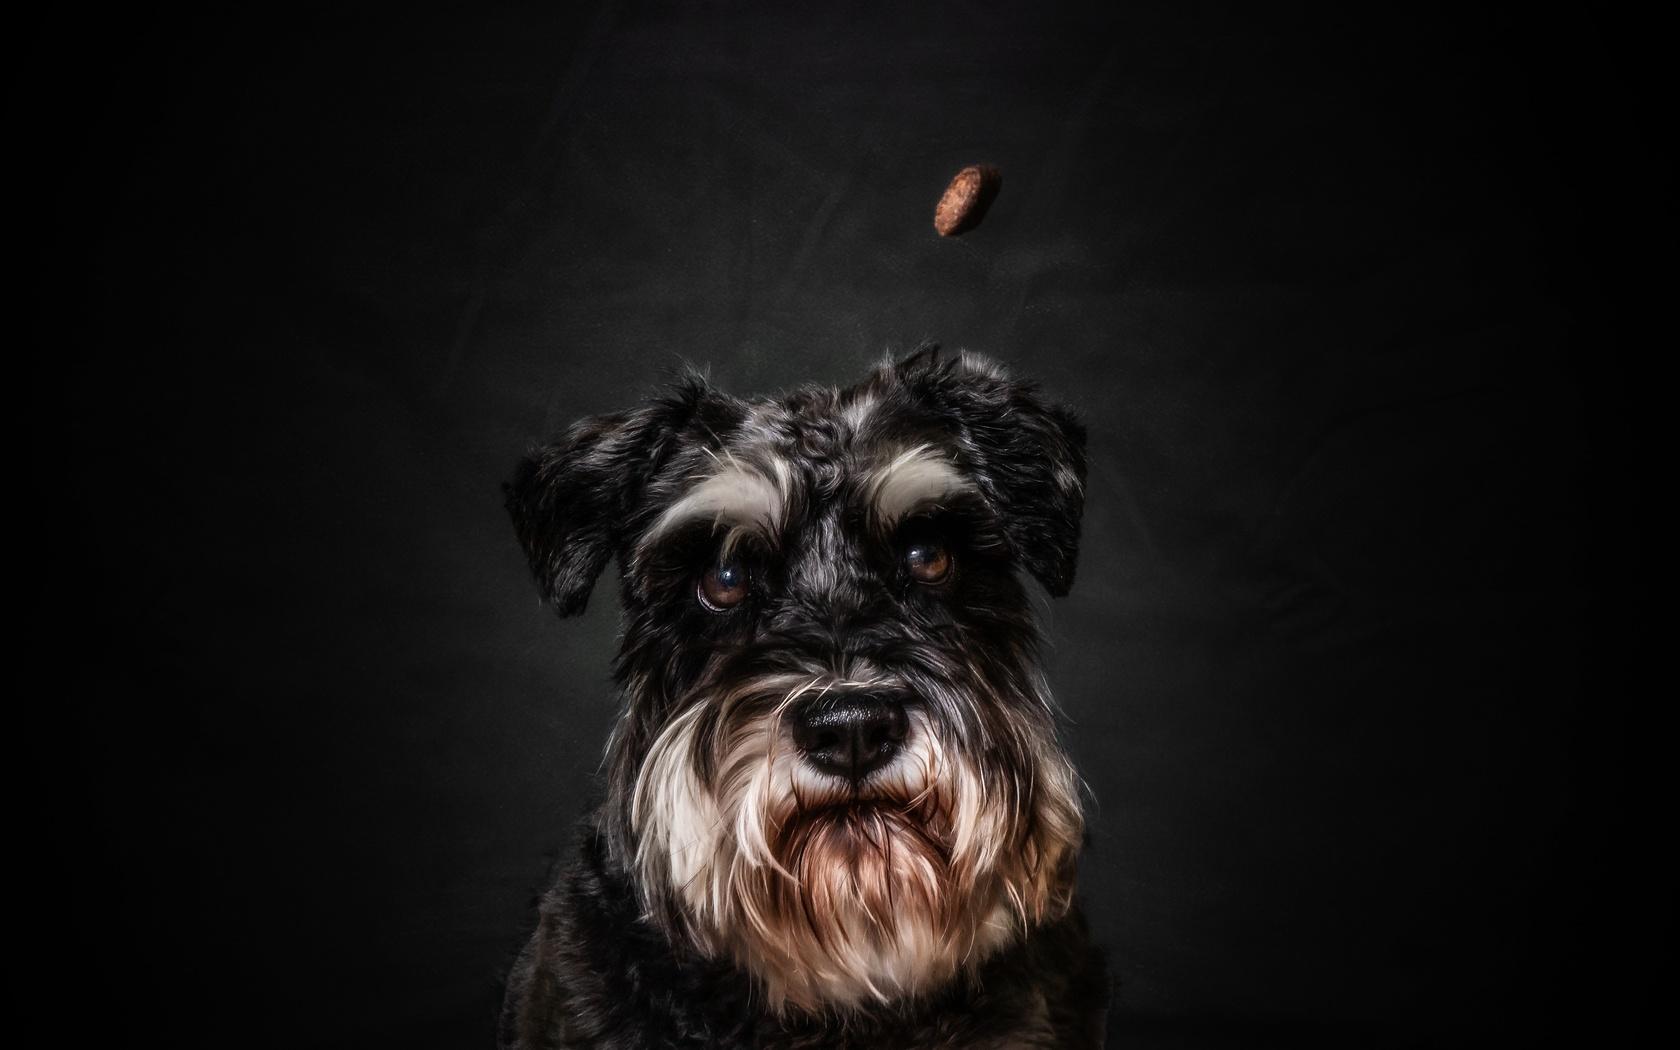 собака, морда, фон